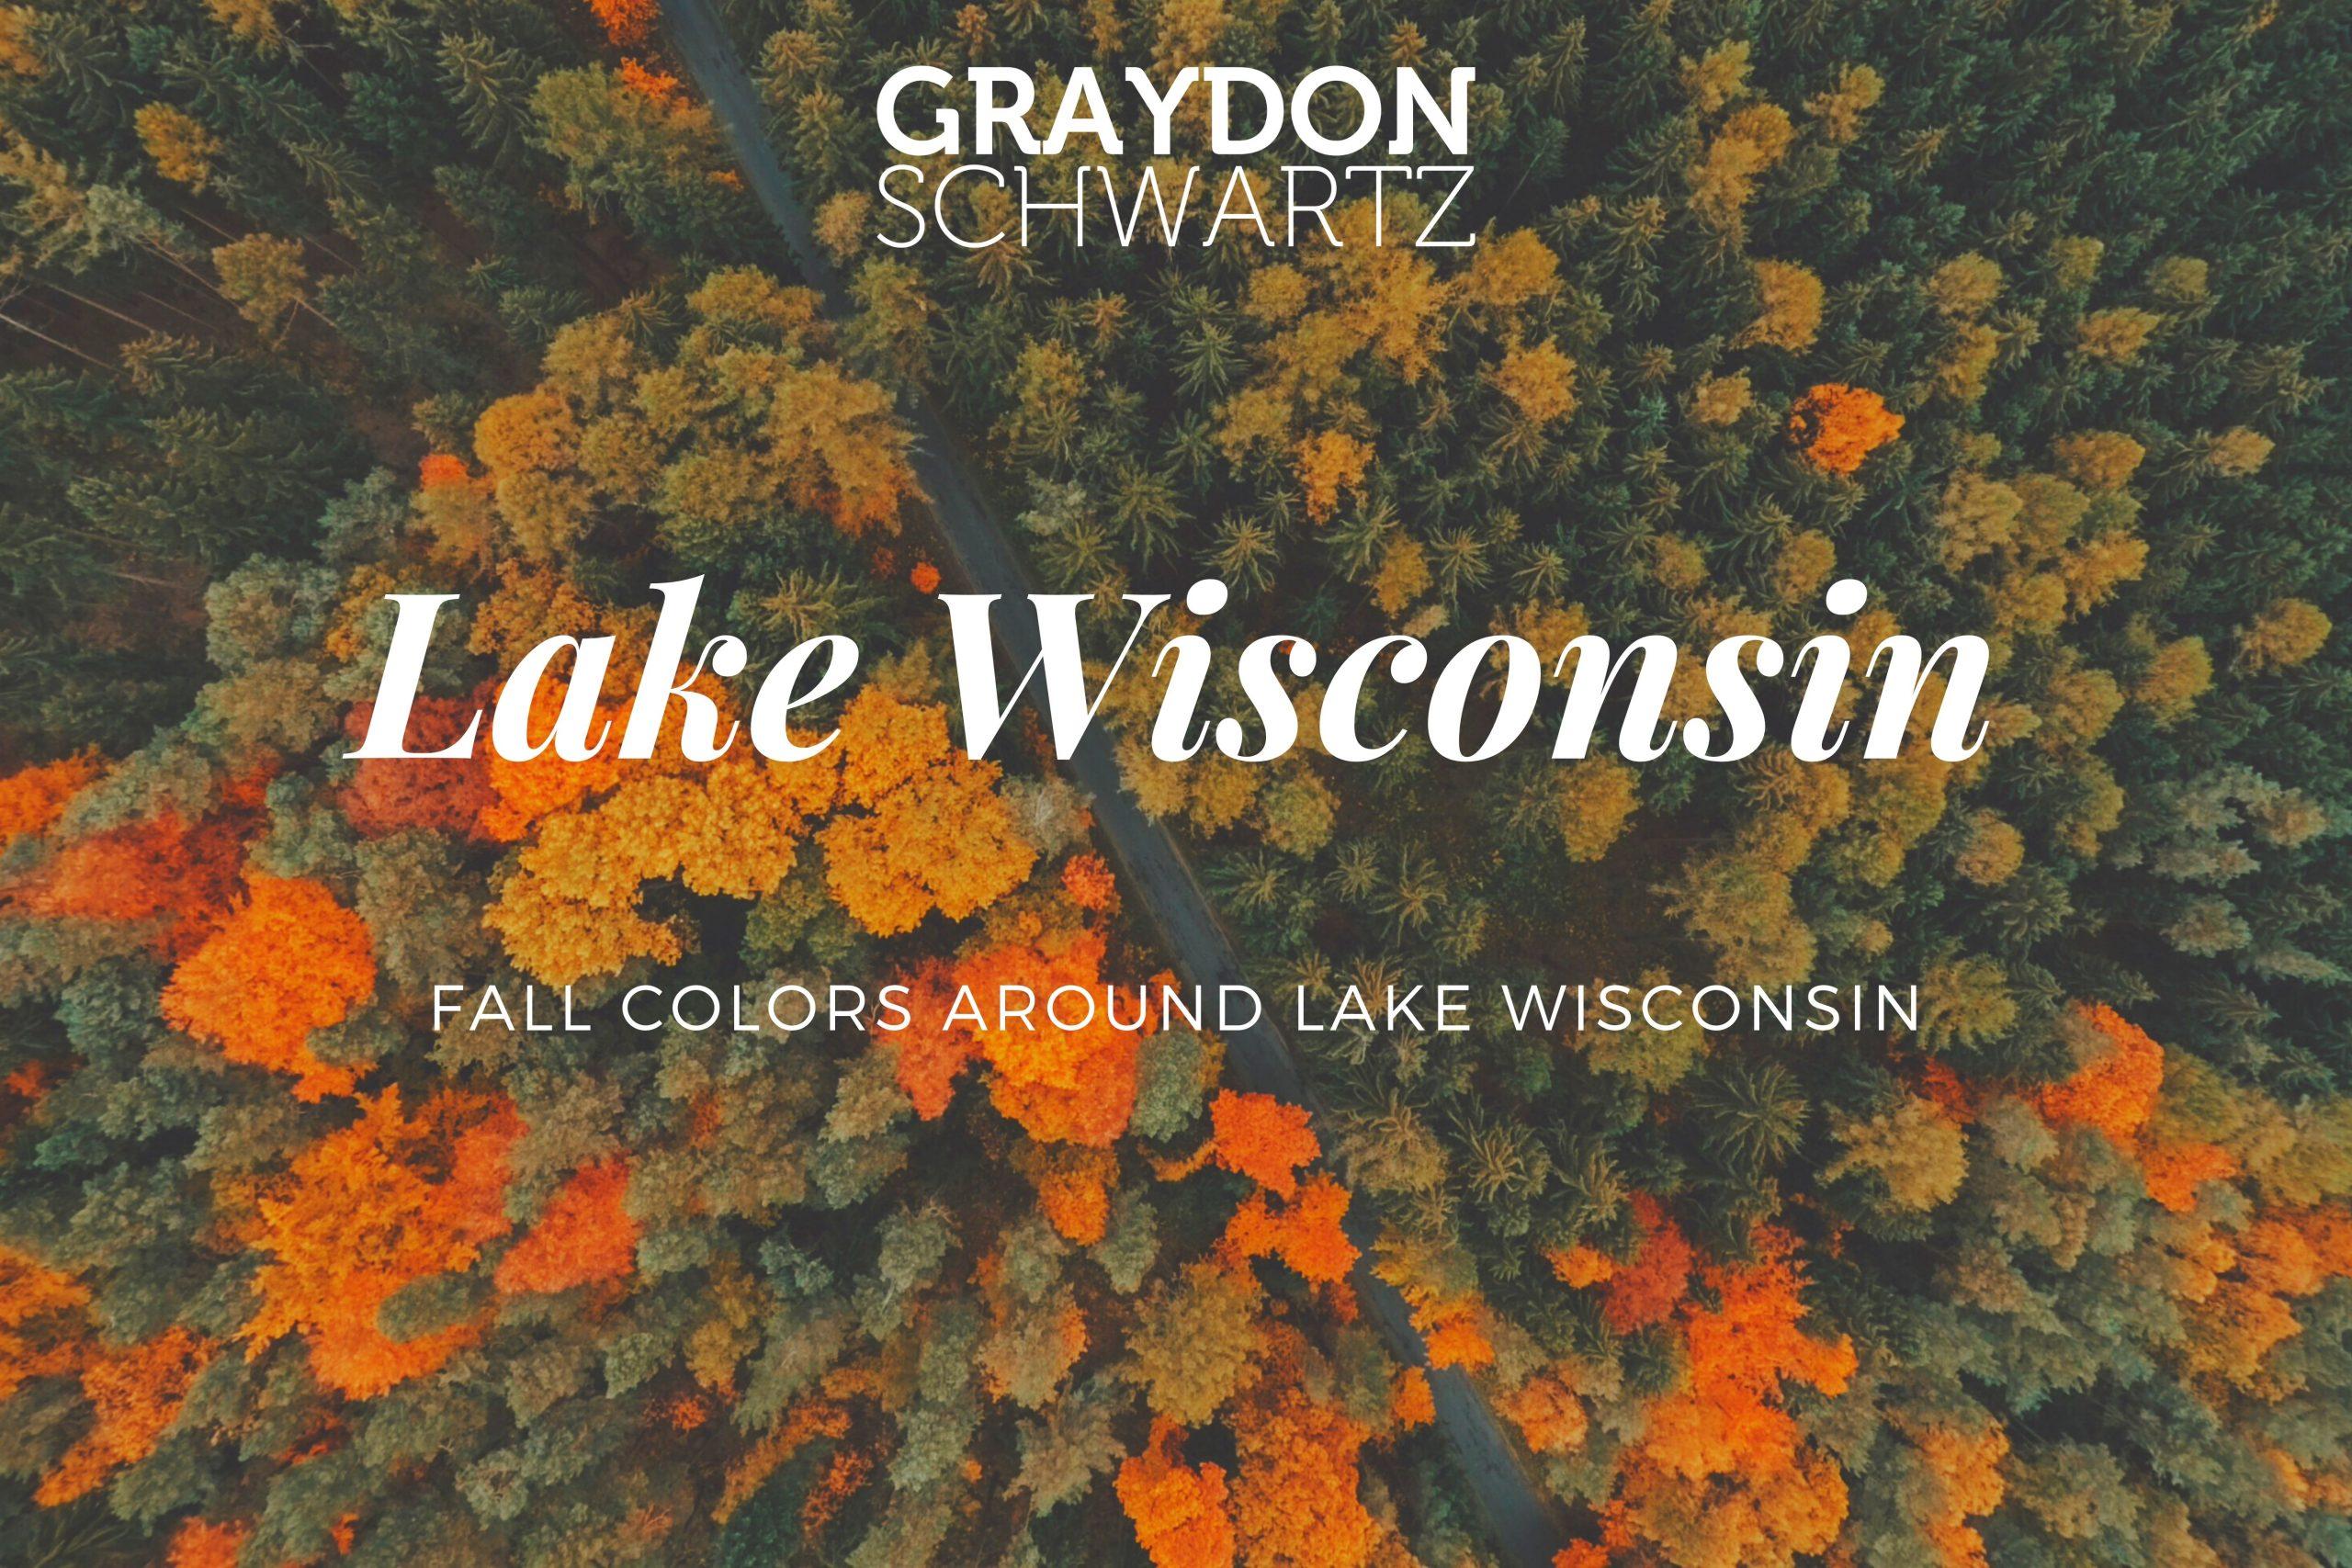 colores otoñales alrededor del lago wisconsin a escala | graydonschwartz.com